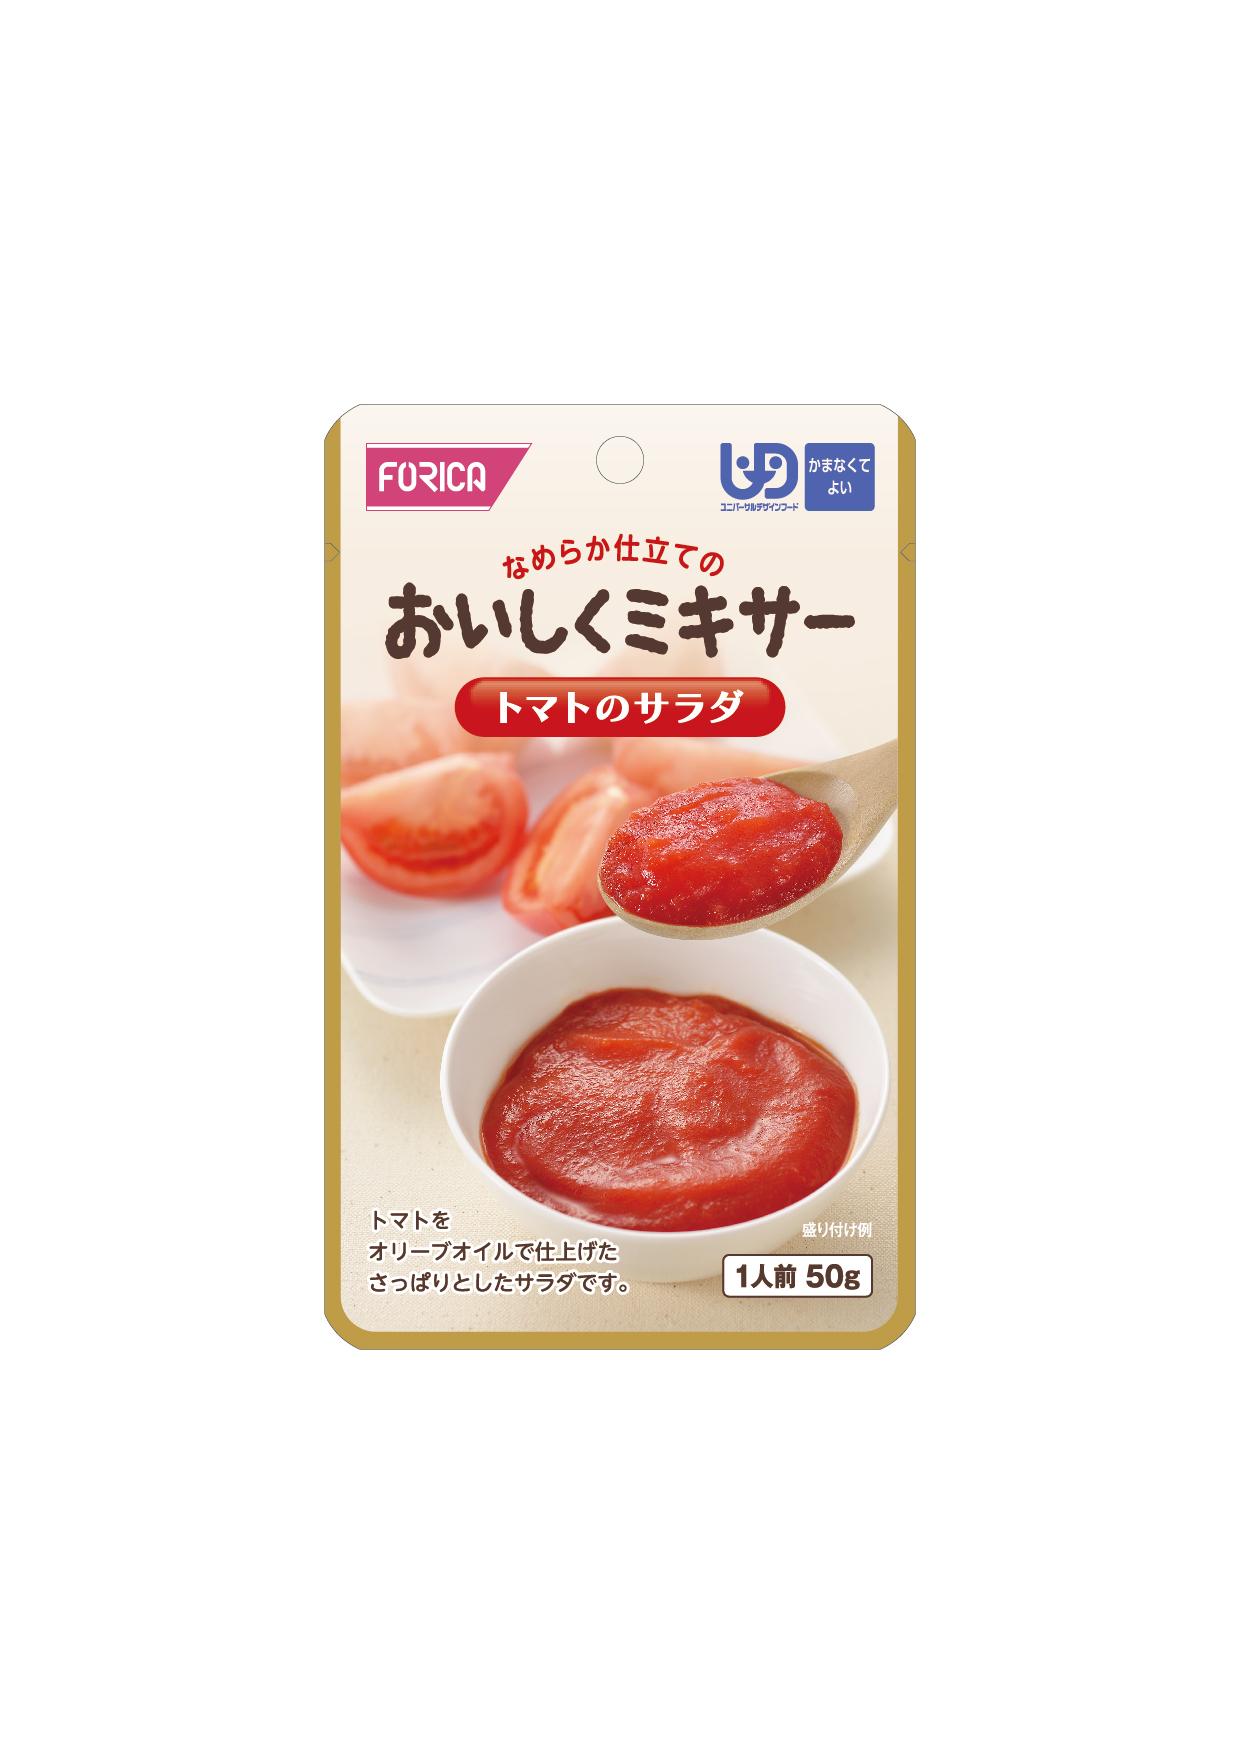 おいしくミキサートマトのサラダ 50g